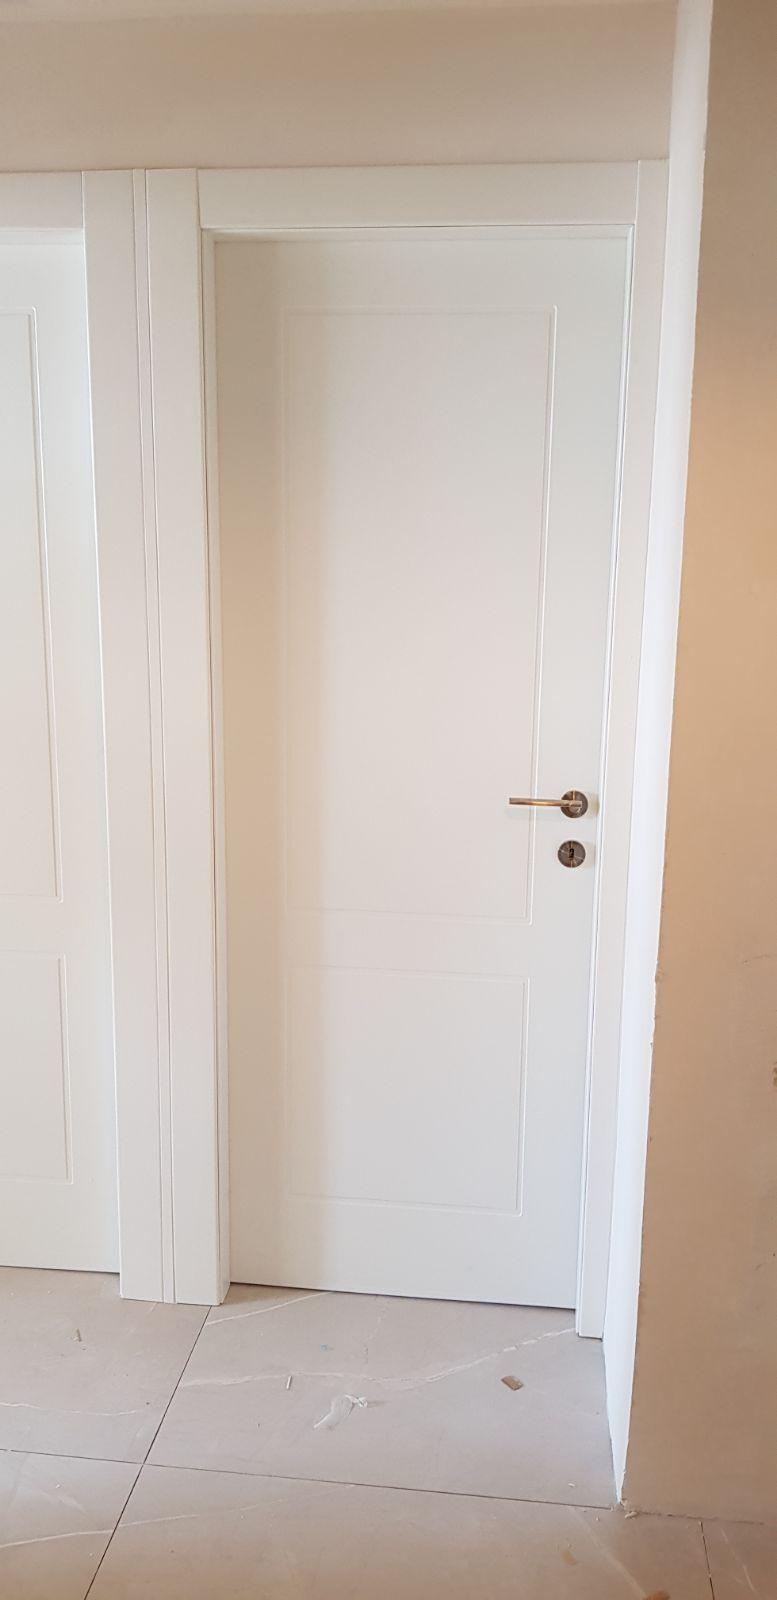 דלת פלקסבורד